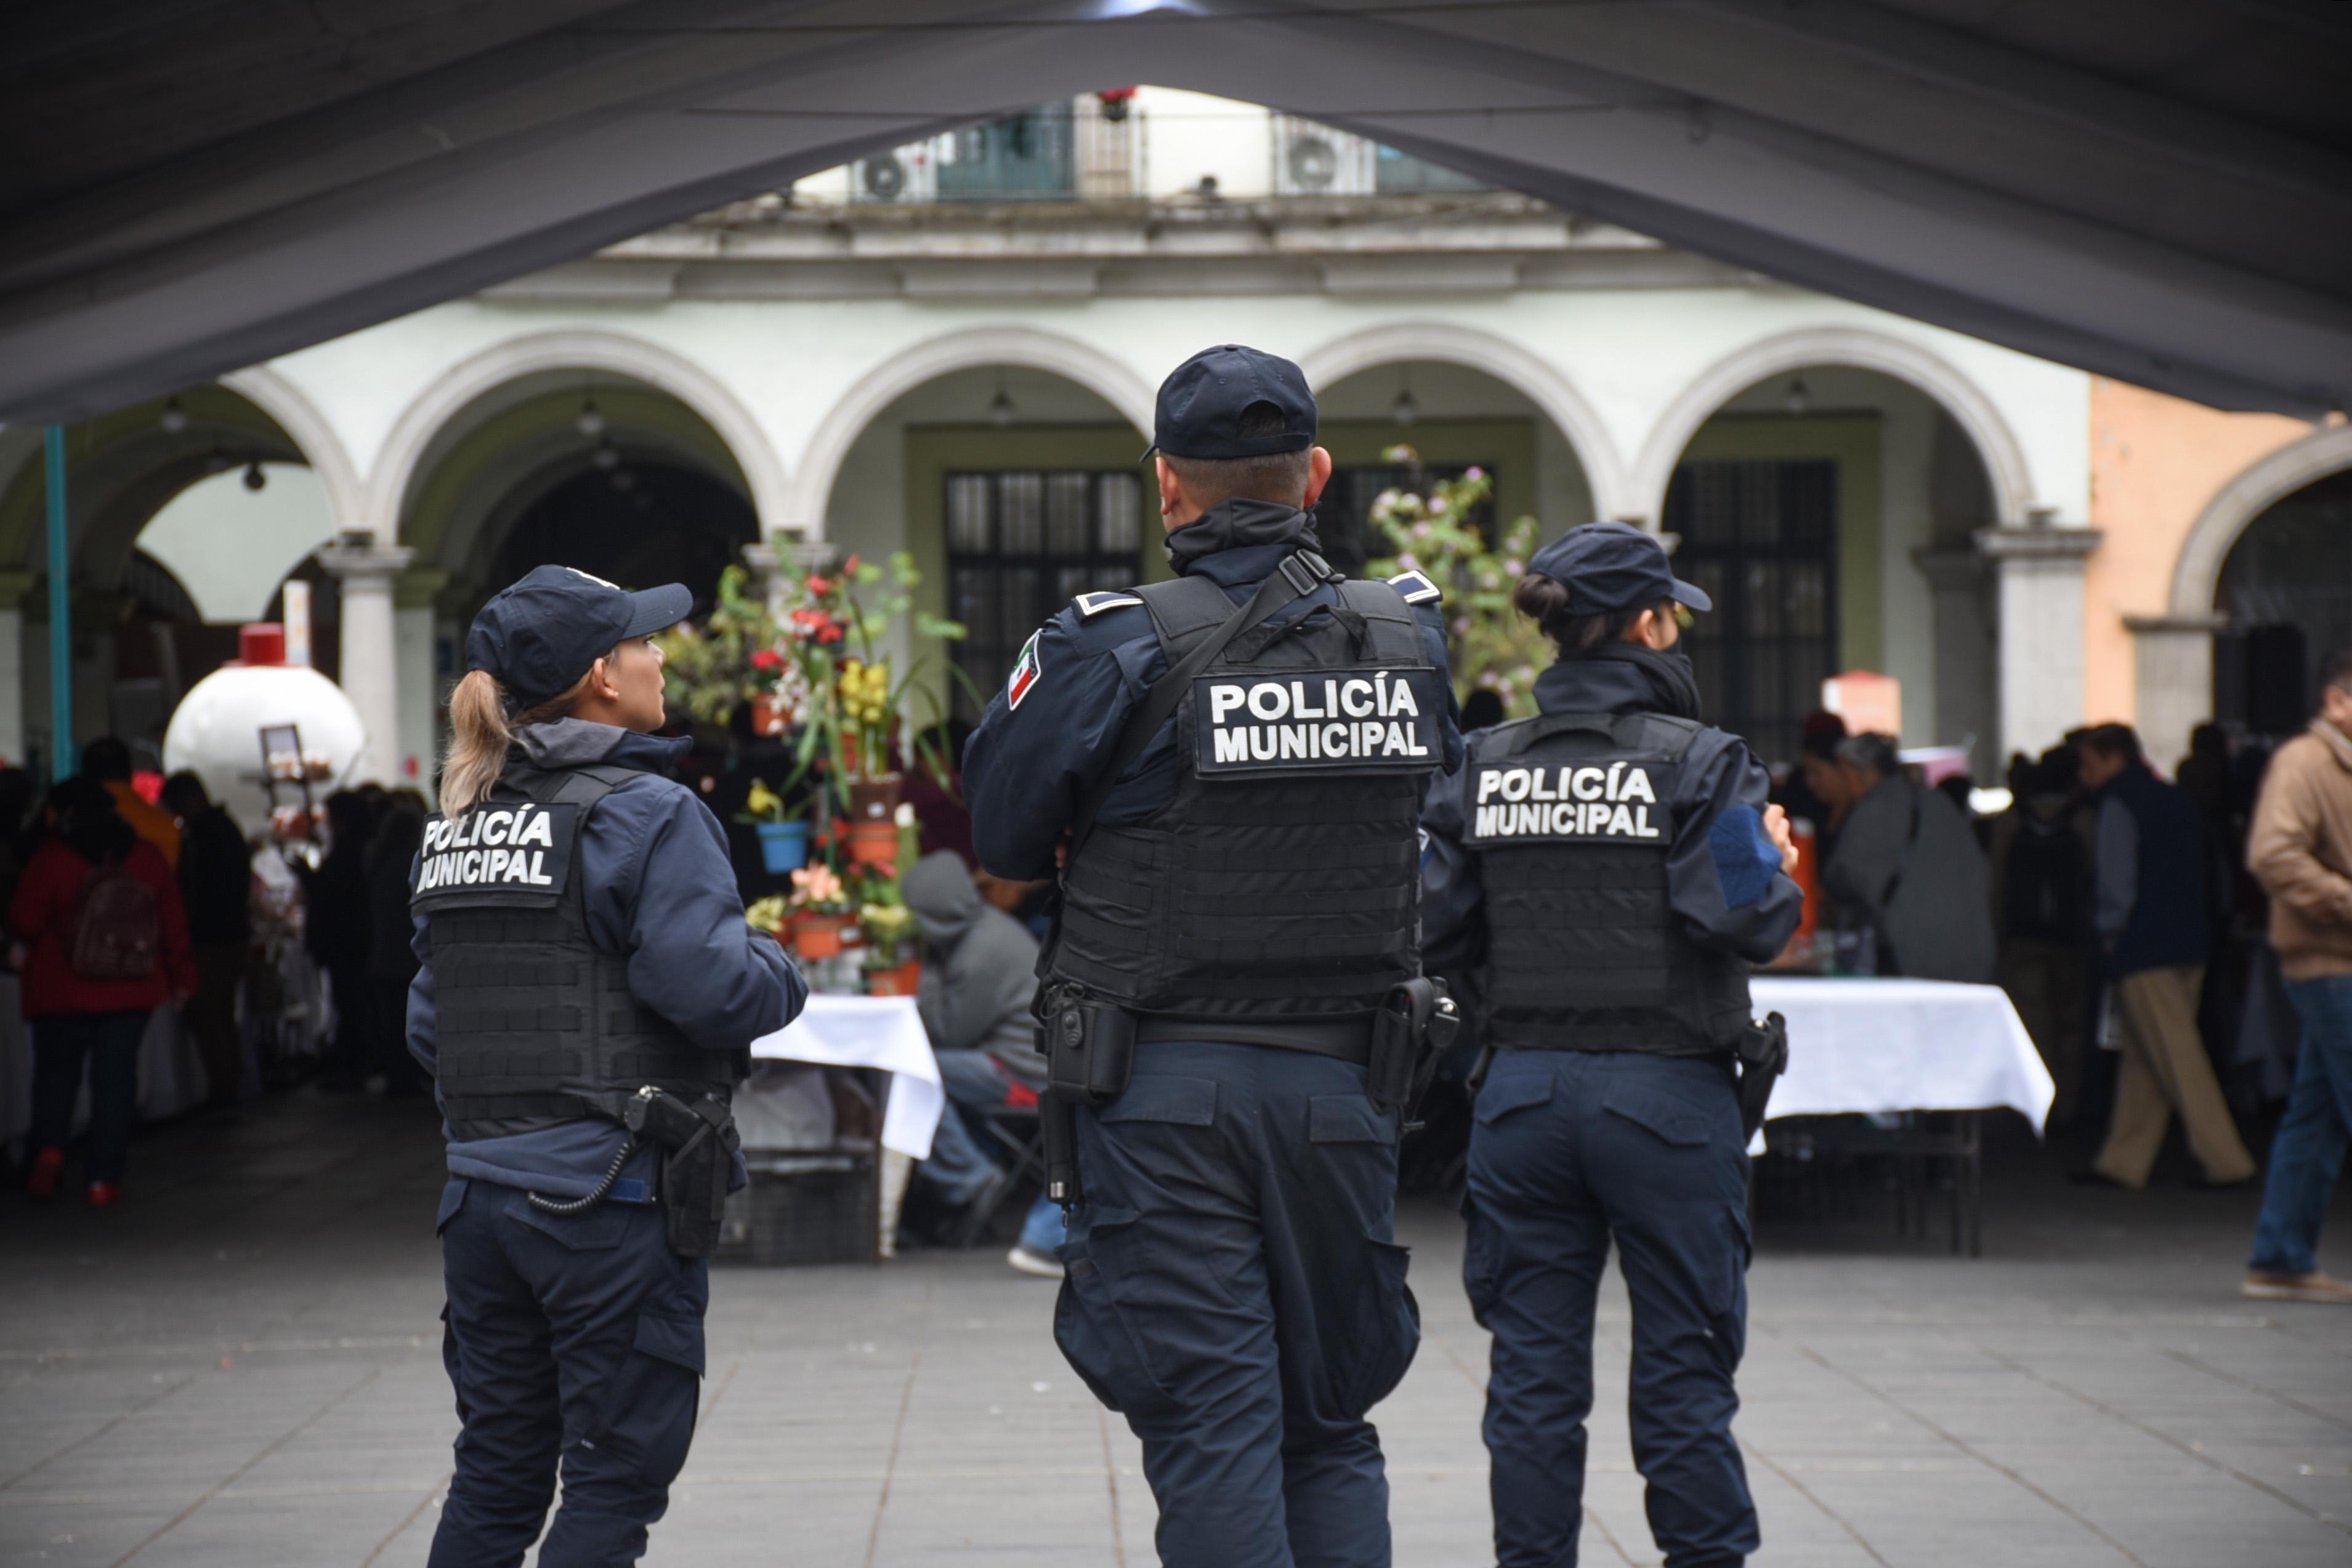 Refuerzan seguridad por temporada decembrina en Xalapa